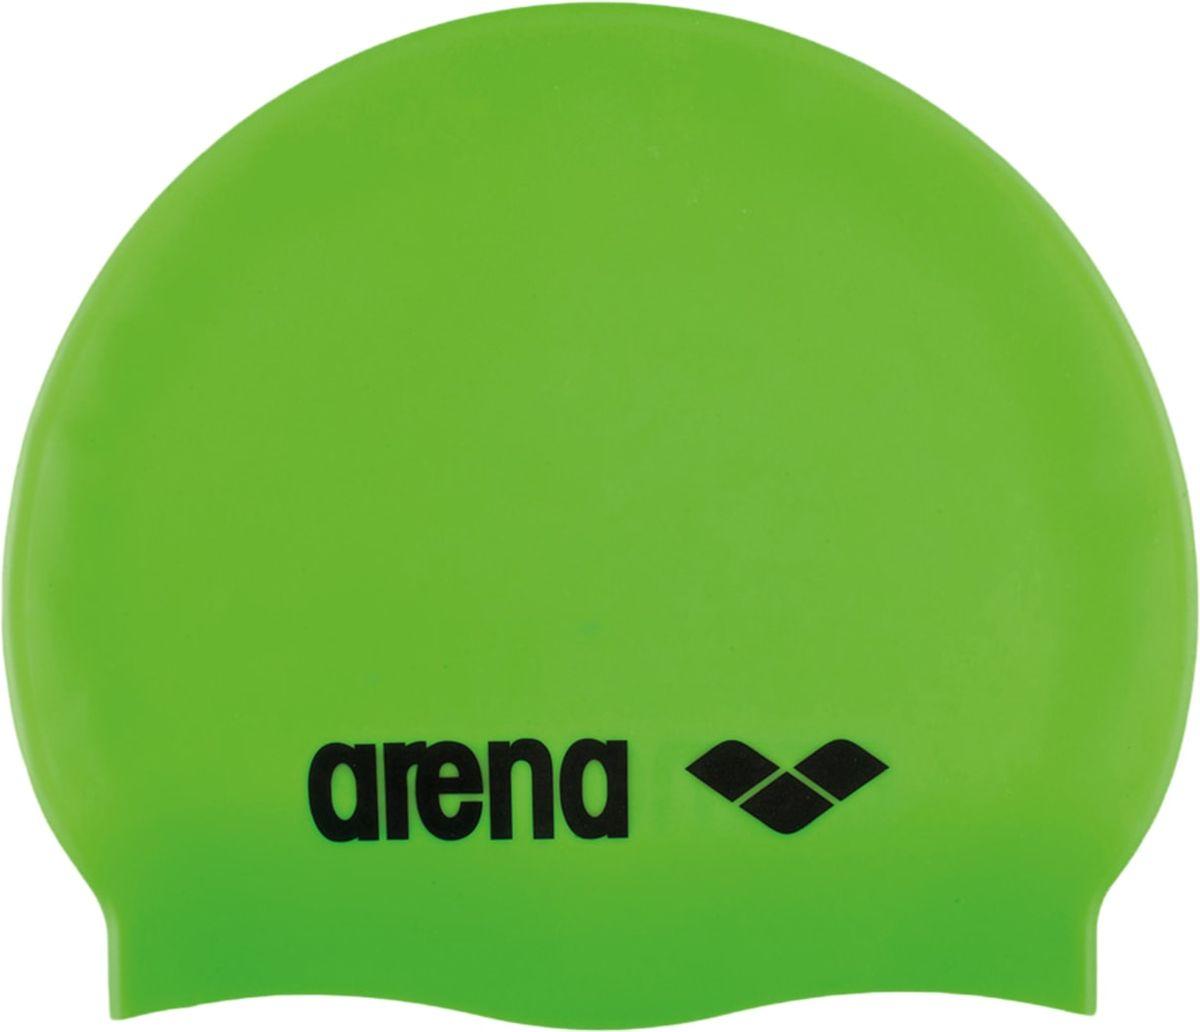 Шапочка для плавания Arena Classic Silicone JR, цвет: зеленыйУТ-00010233Шапочка для плавания (силиконовая) Arena Classic JR Silicone Cap - комфортная детская мягкая шапочка для тренировок. Классическая плоская форма и плотное облегание головы.Модель шапочки для плавания из силикона на ощупь материал препятствует склеиванию и прилипанию волос, облегчает снятие шапочки после использования.Силикон быстро сохнет, его не нужно посыпать тальком – достаточно после сеанса в бассейне сполоснуть шапочку в пресной проточной воде и высушить при комнатной температуре. Силиконовые шапочки довольно прочные, но длинные волосы лучше закреплять резинками, а не заколками. Силикон не вызывает аллергии и может использоваться людьми с чувствительной кожей.Характеристики: Цвет: acid lime/blackМатериал: 100% силиконРазмер: один